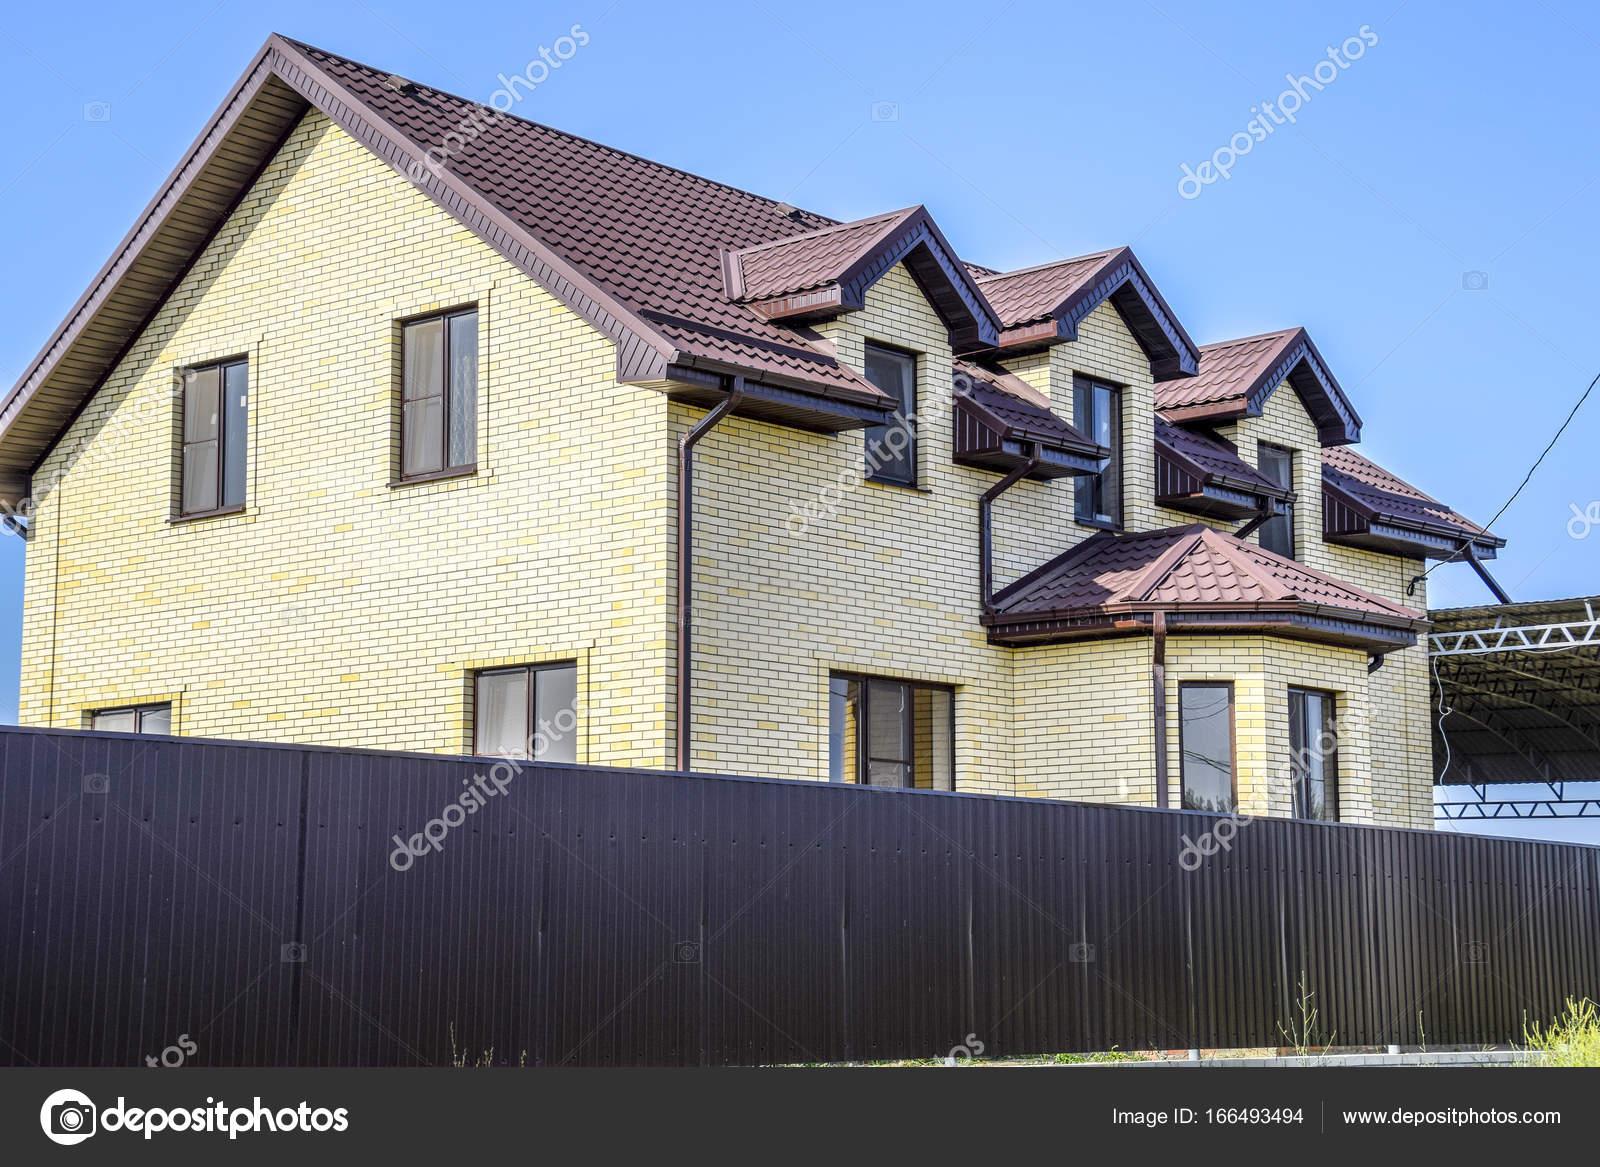 La maison avec un toit de t le ondul e et de fen tres en plastique photographie leonid - Maison en tole ondulee ...